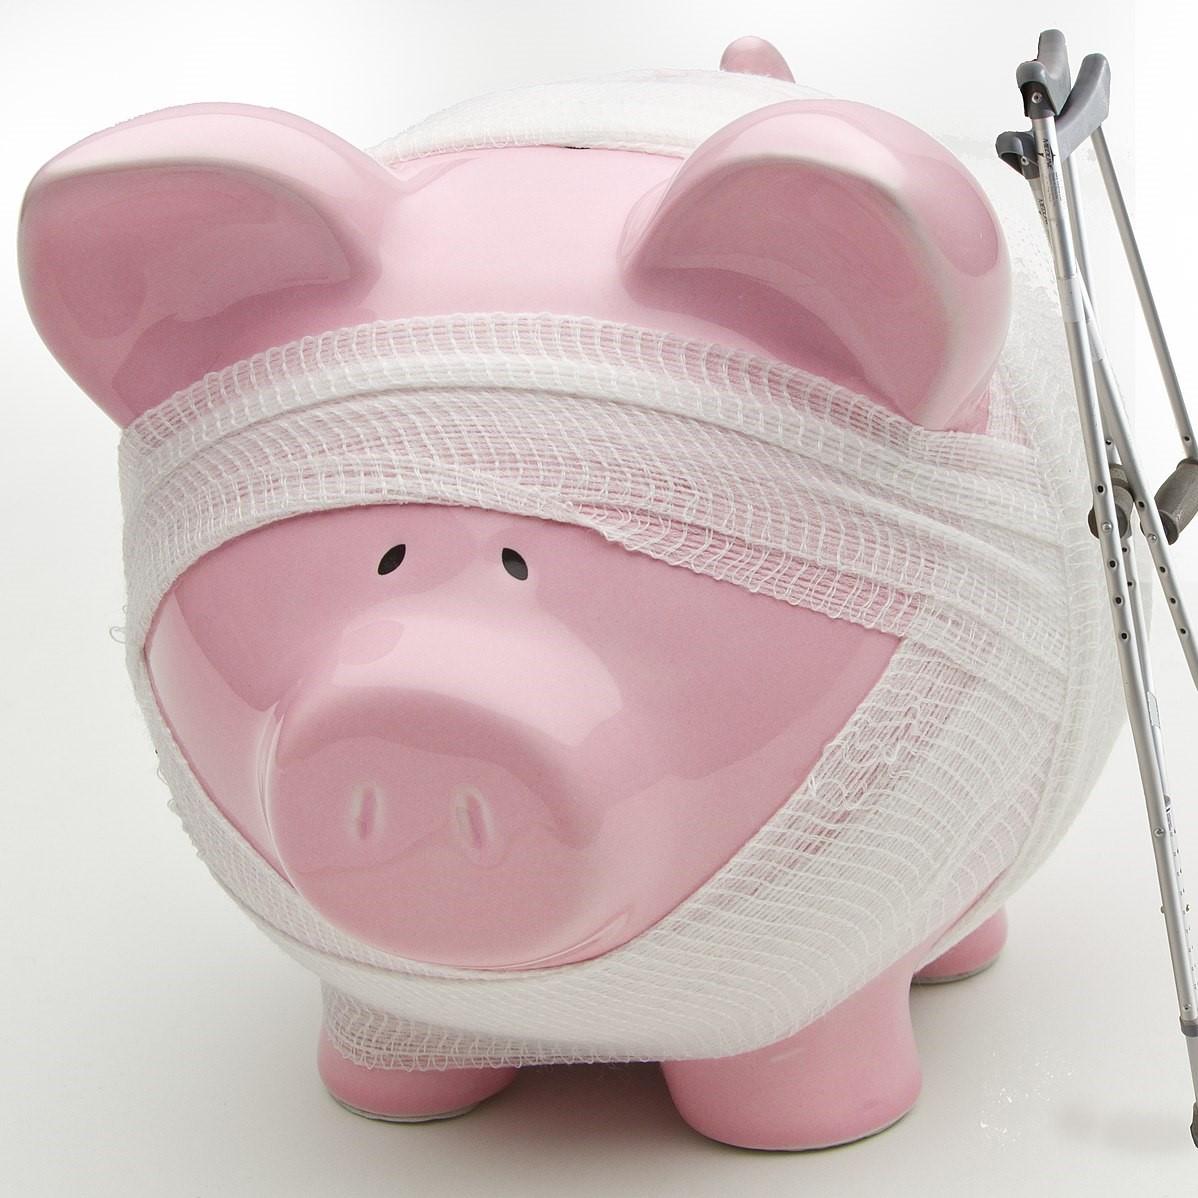 J'ai une dépense imprévue : quoi faire ?